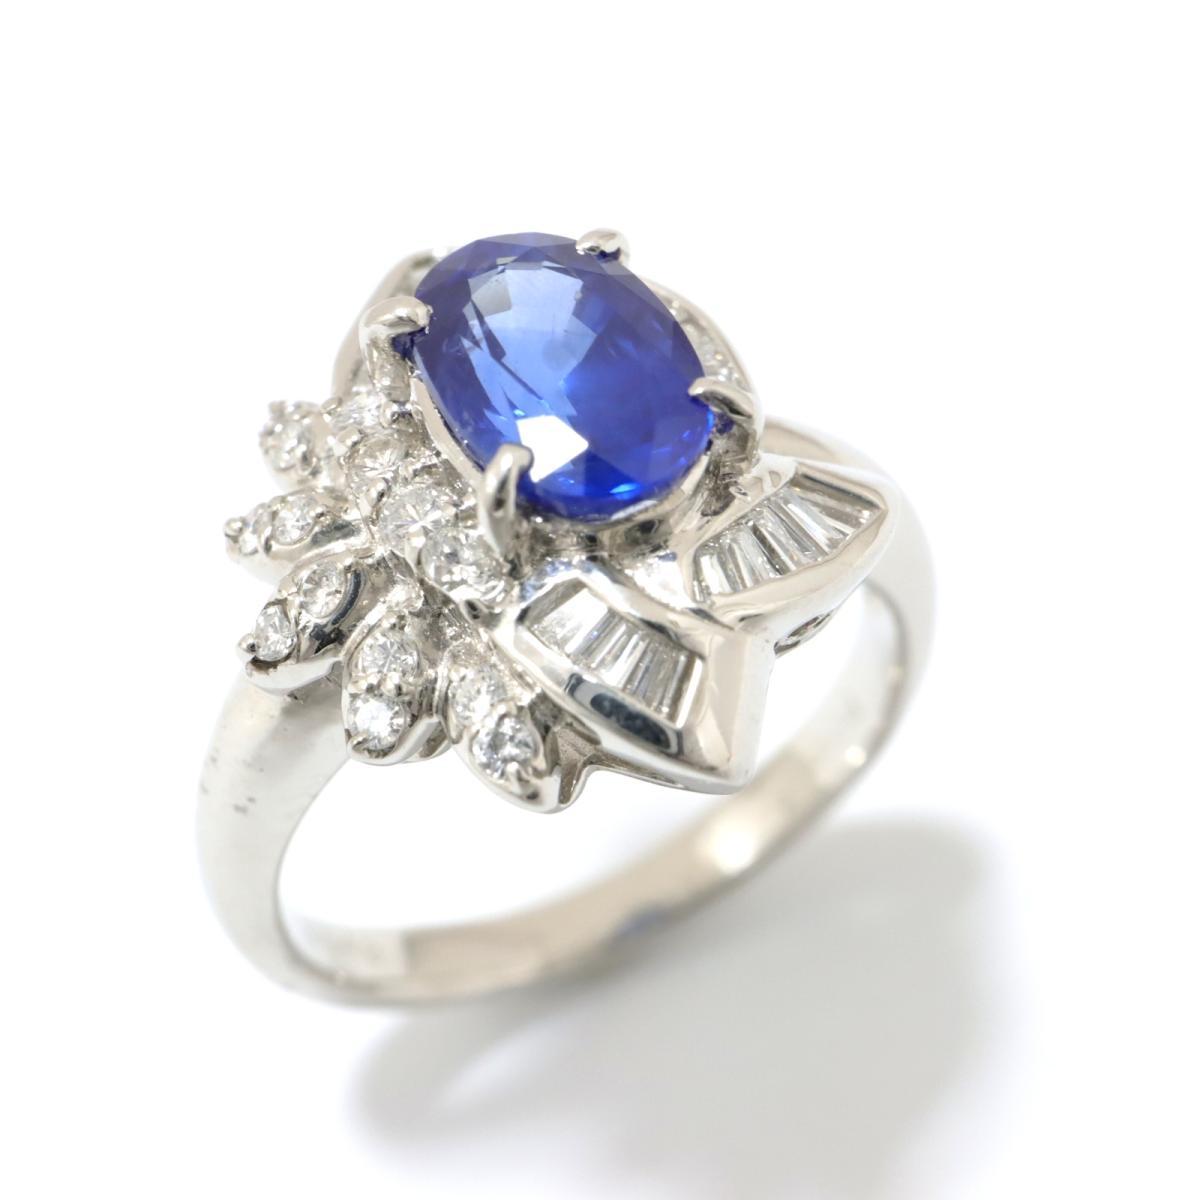 【中古】 ジュエリー サファイア リング 指輪 レディース PT900 プラチナ x ダイヤモンド ブルー クリアー シルバー   JEWELRY BRANDOFF ブランドオフ ブランド アクセサリー